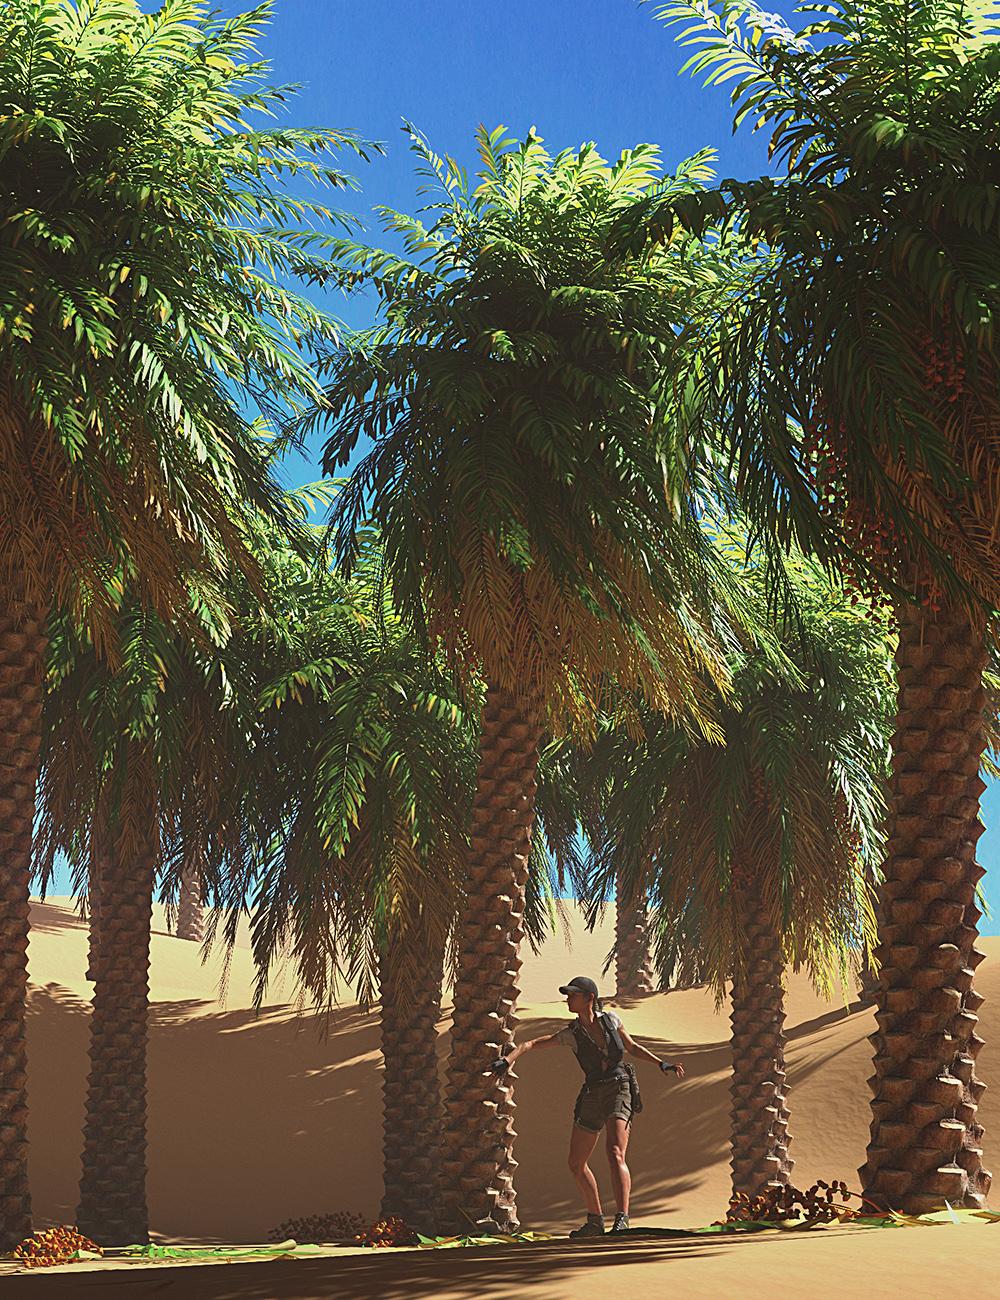 Predatron Date Palm Trees by: Predatron, 3D Models by Daz 3D